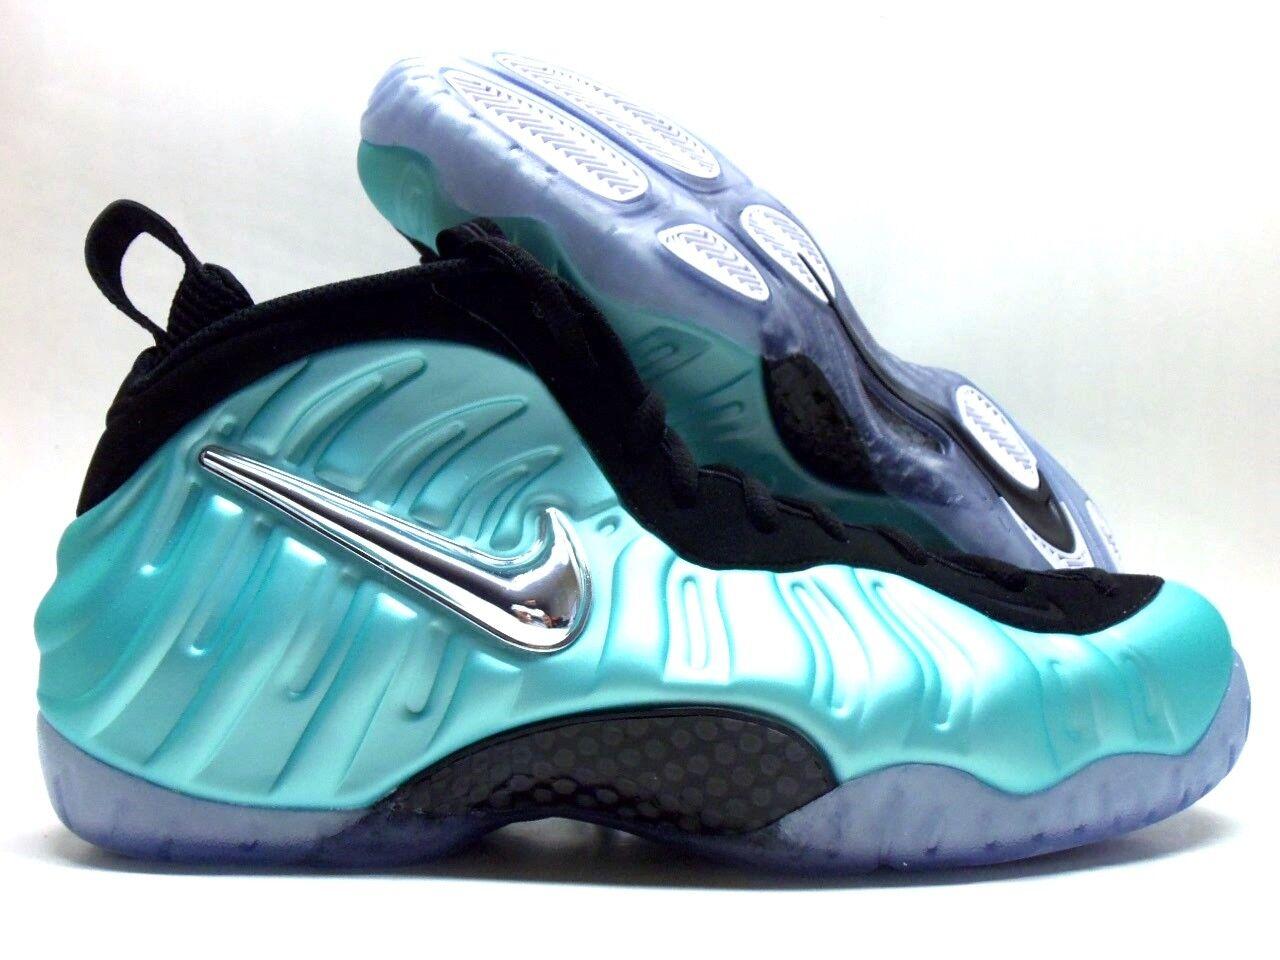 Nike air foamposite dell'isola verde / metallico dimensioni uomini 15 - platino 624041-303]